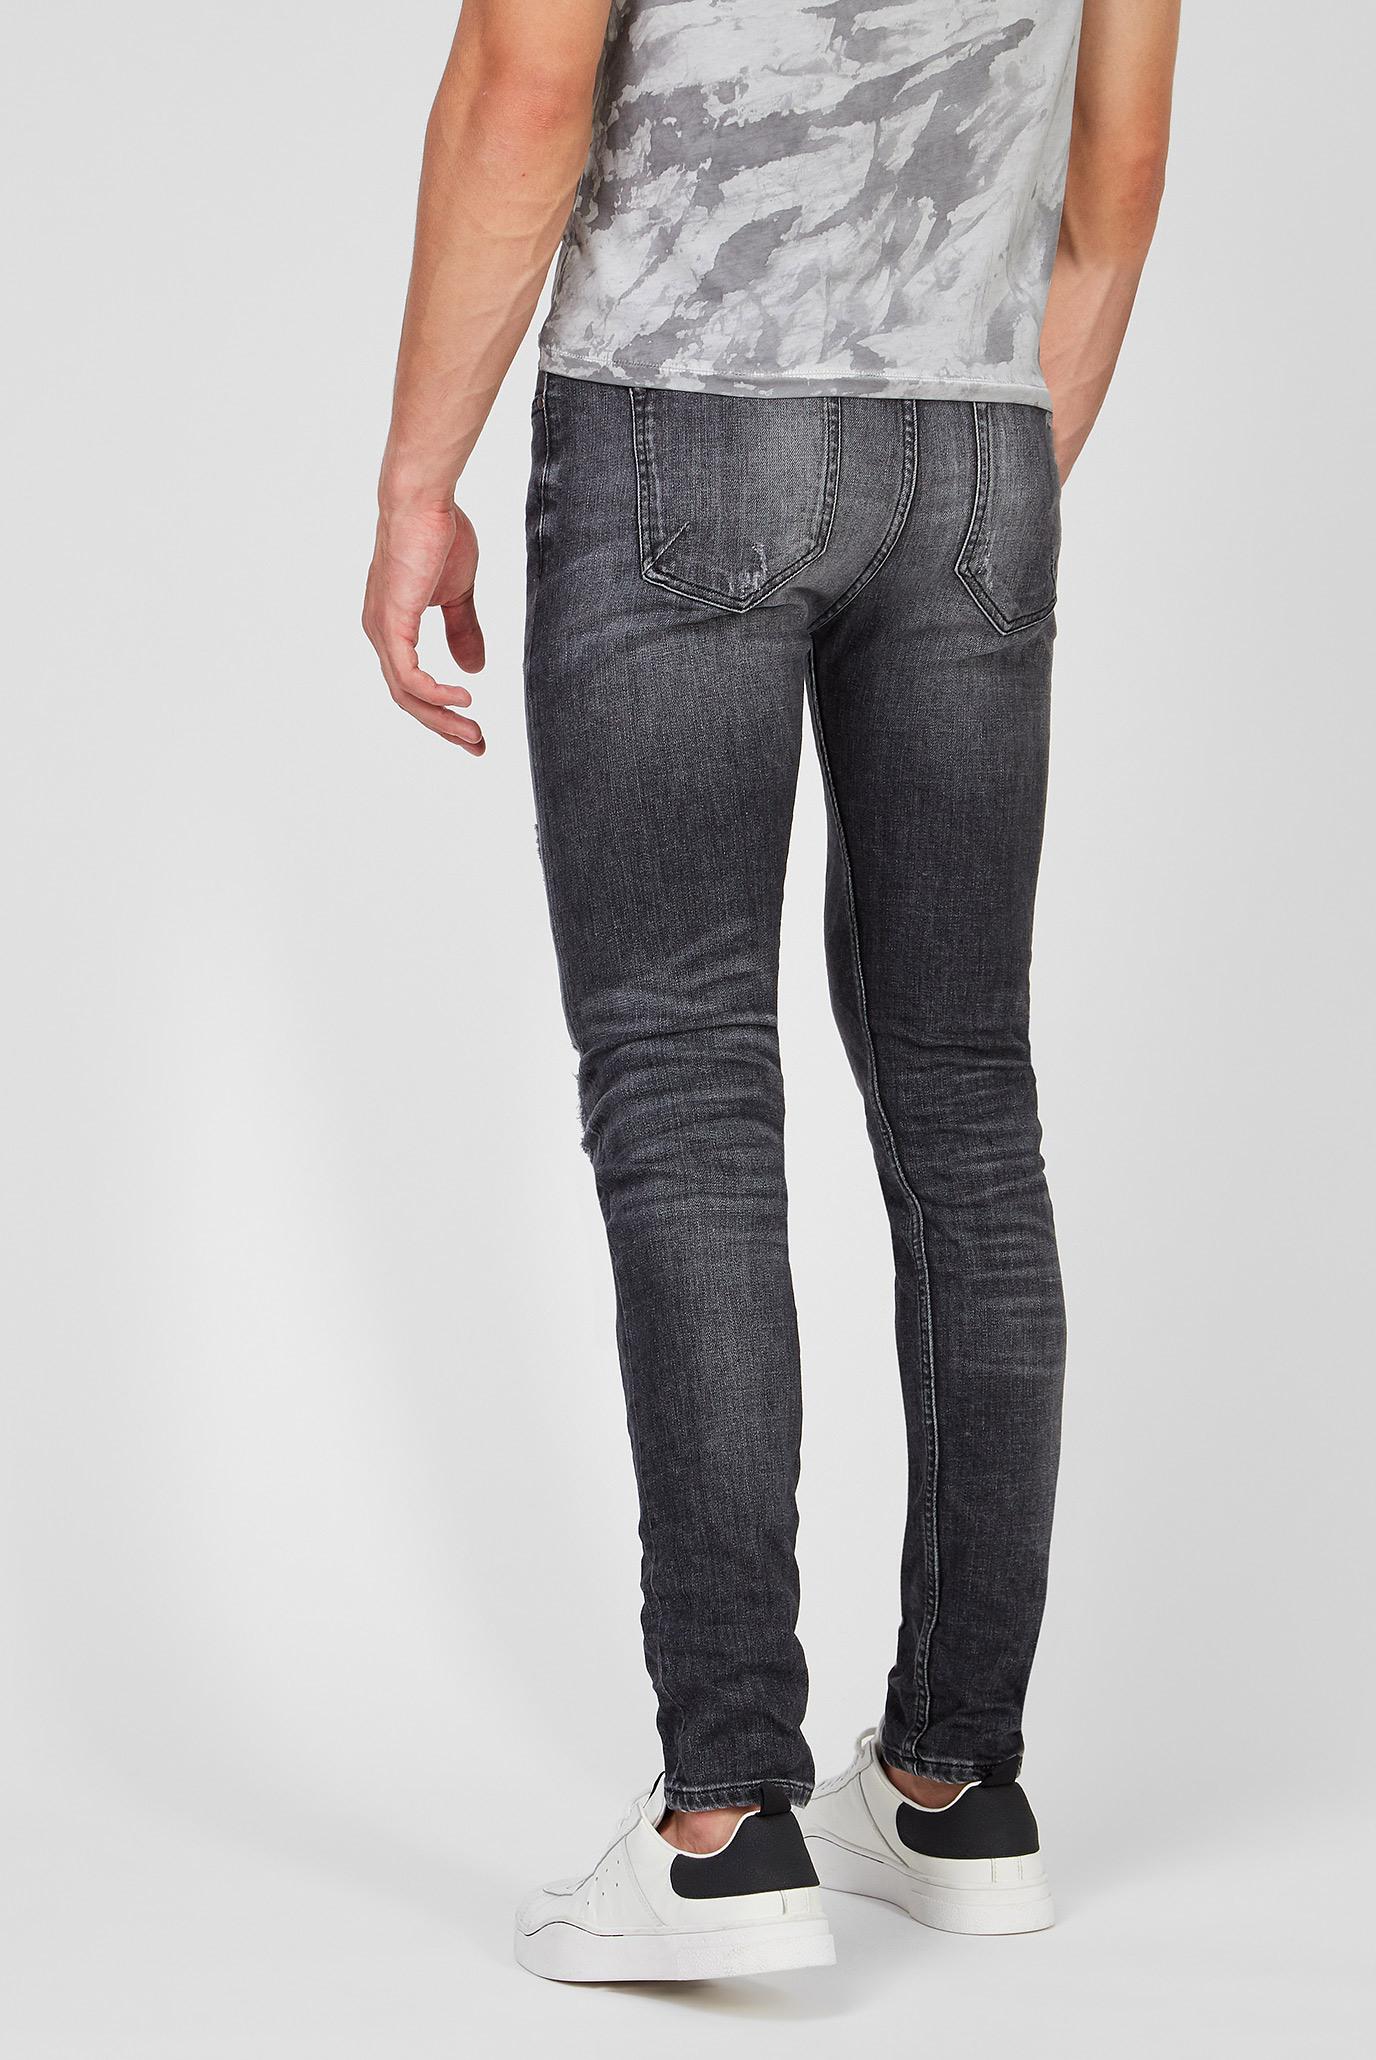 Мужские темно-серые джинсы Morten 9387 destroyed Tigha